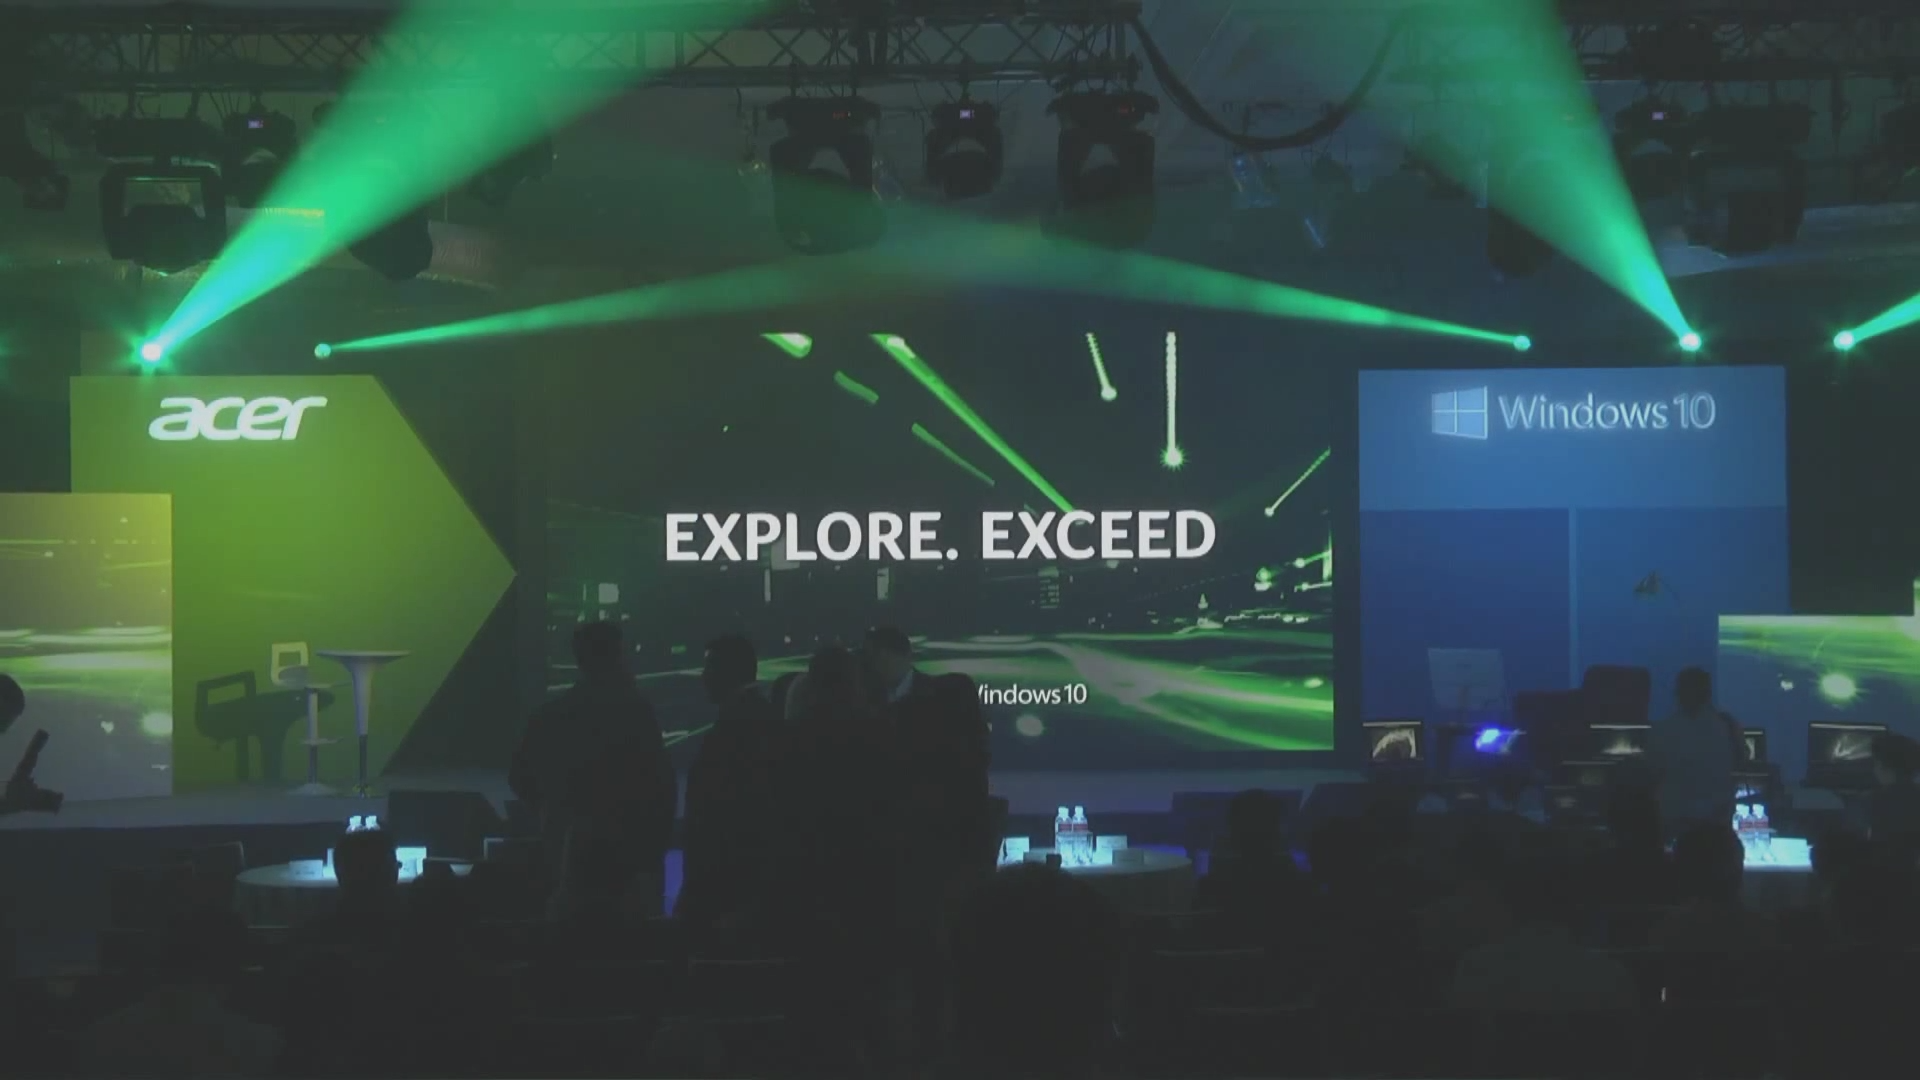 Své novinky s Windows 10 ukázal také Acer